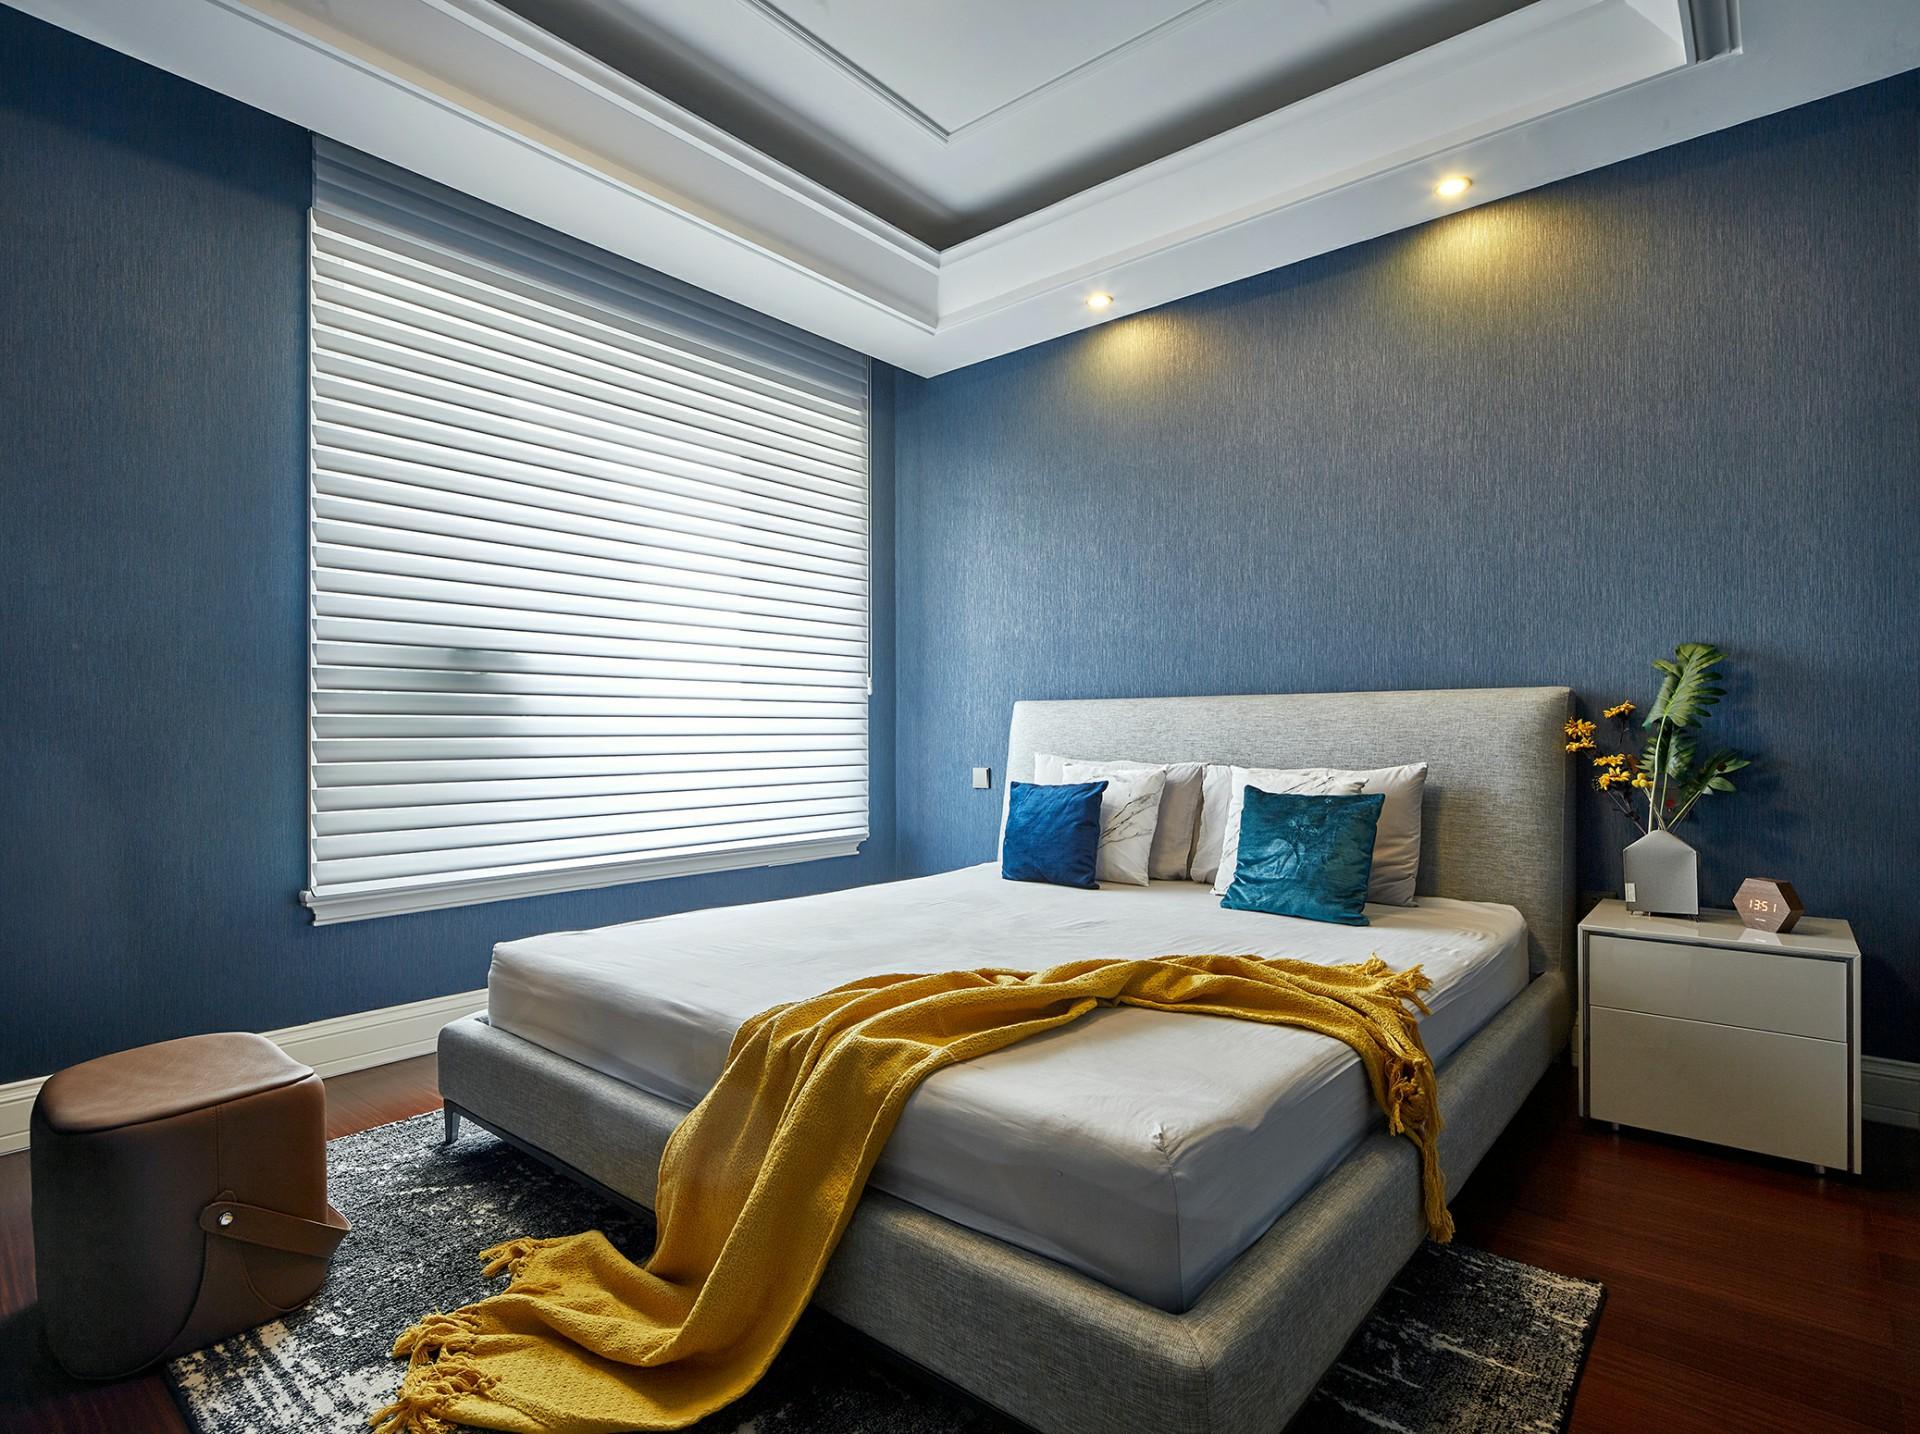 卧室的装修必须遵循三项原则:舒适、安静、温馨。